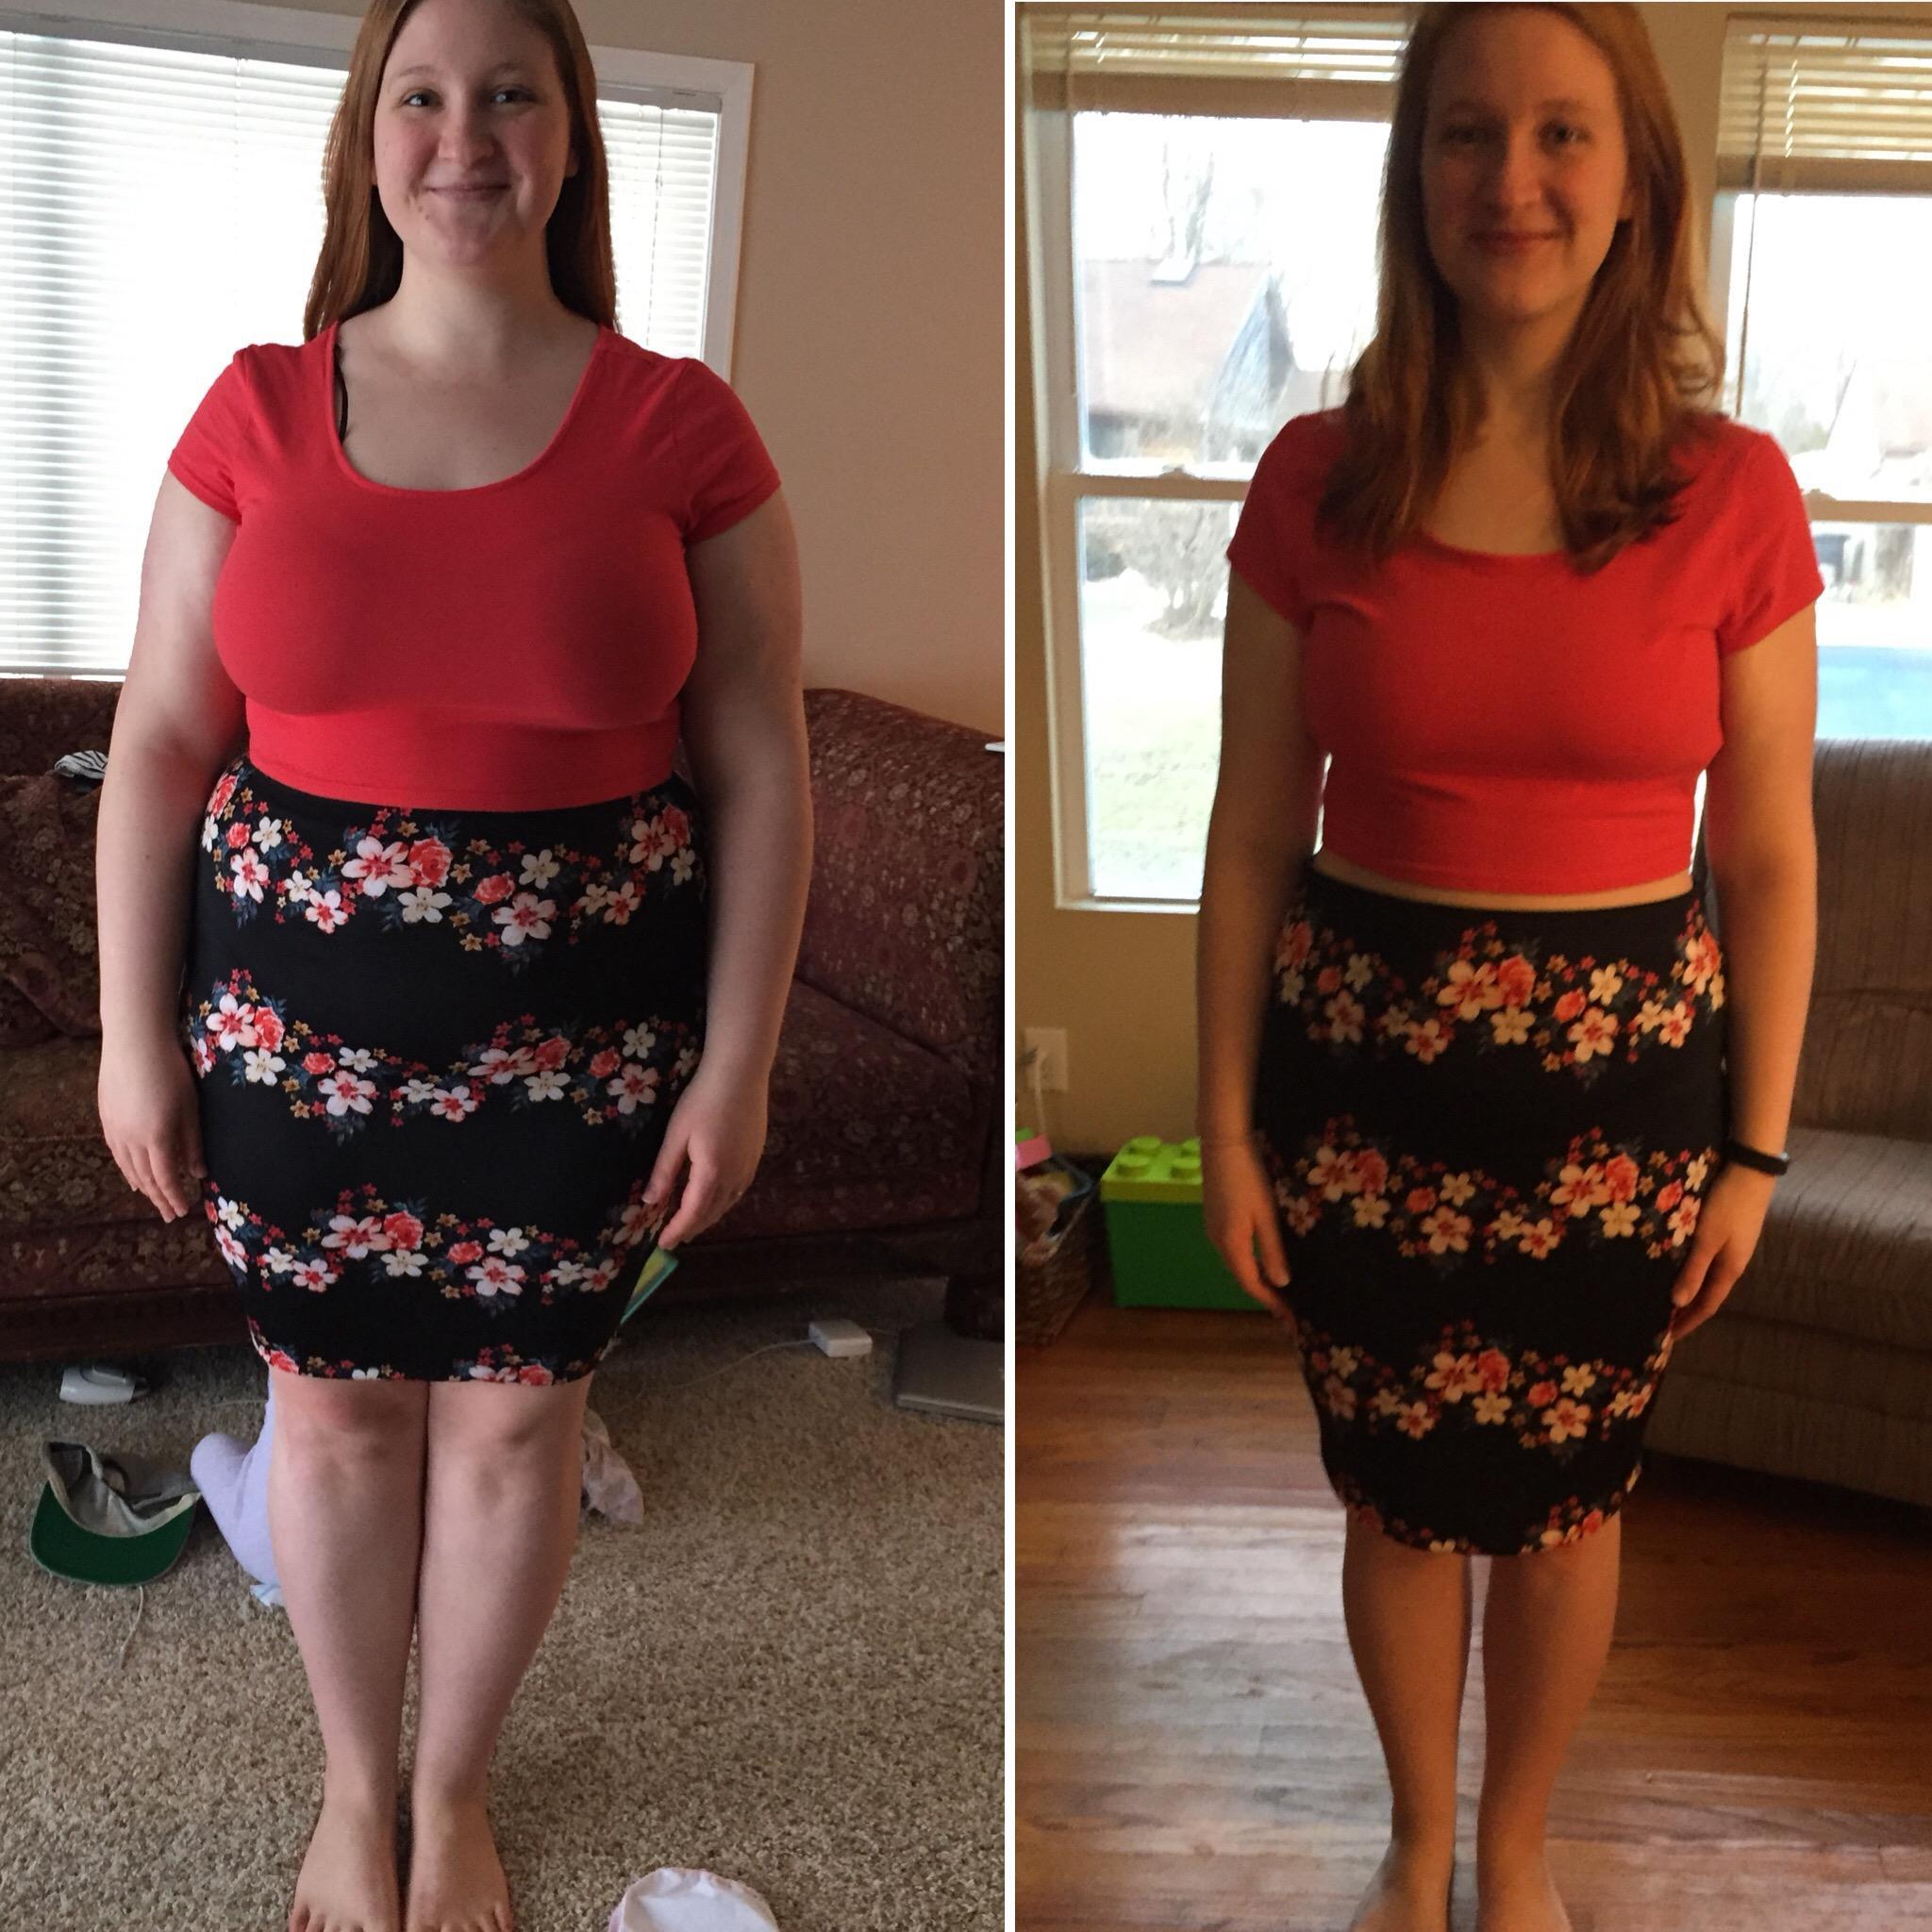 5 foot 6 Female Progress Pics of 72 lbs Fat Loss 238 lbs to 166 lbs